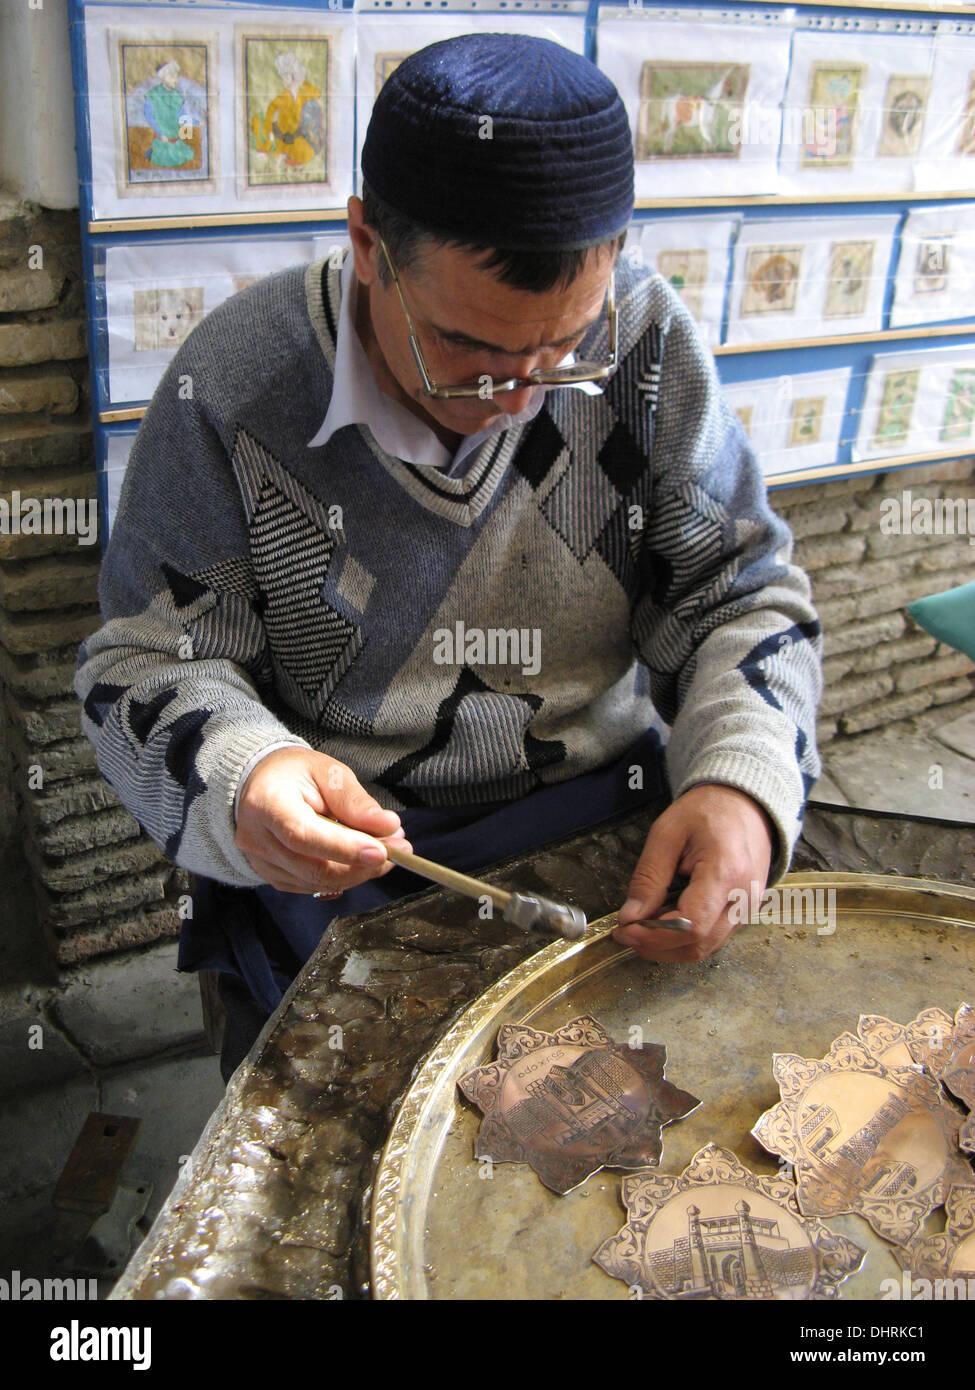 Uomo tradizionale la gioielleria in Samarcanda, Uzbekistan Immagini Stock